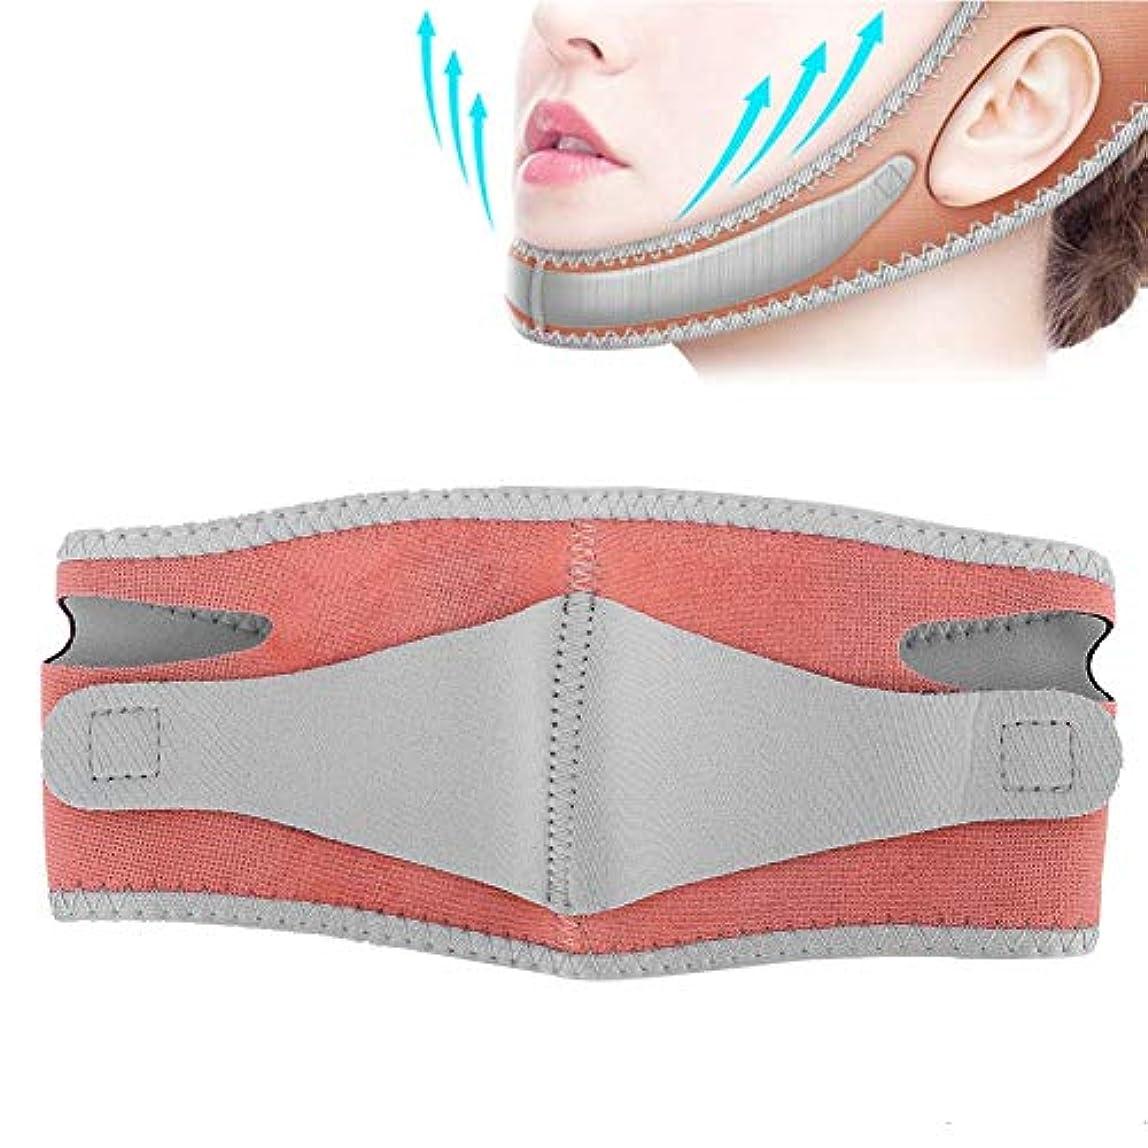 専制弱める社会薄い顔包帯顔、Vフェイスラインスリムダブルチンチークスリムリフトアップ引き締まった肌防止マスクあなたが顔の肌を引き締めるのに役立ちます